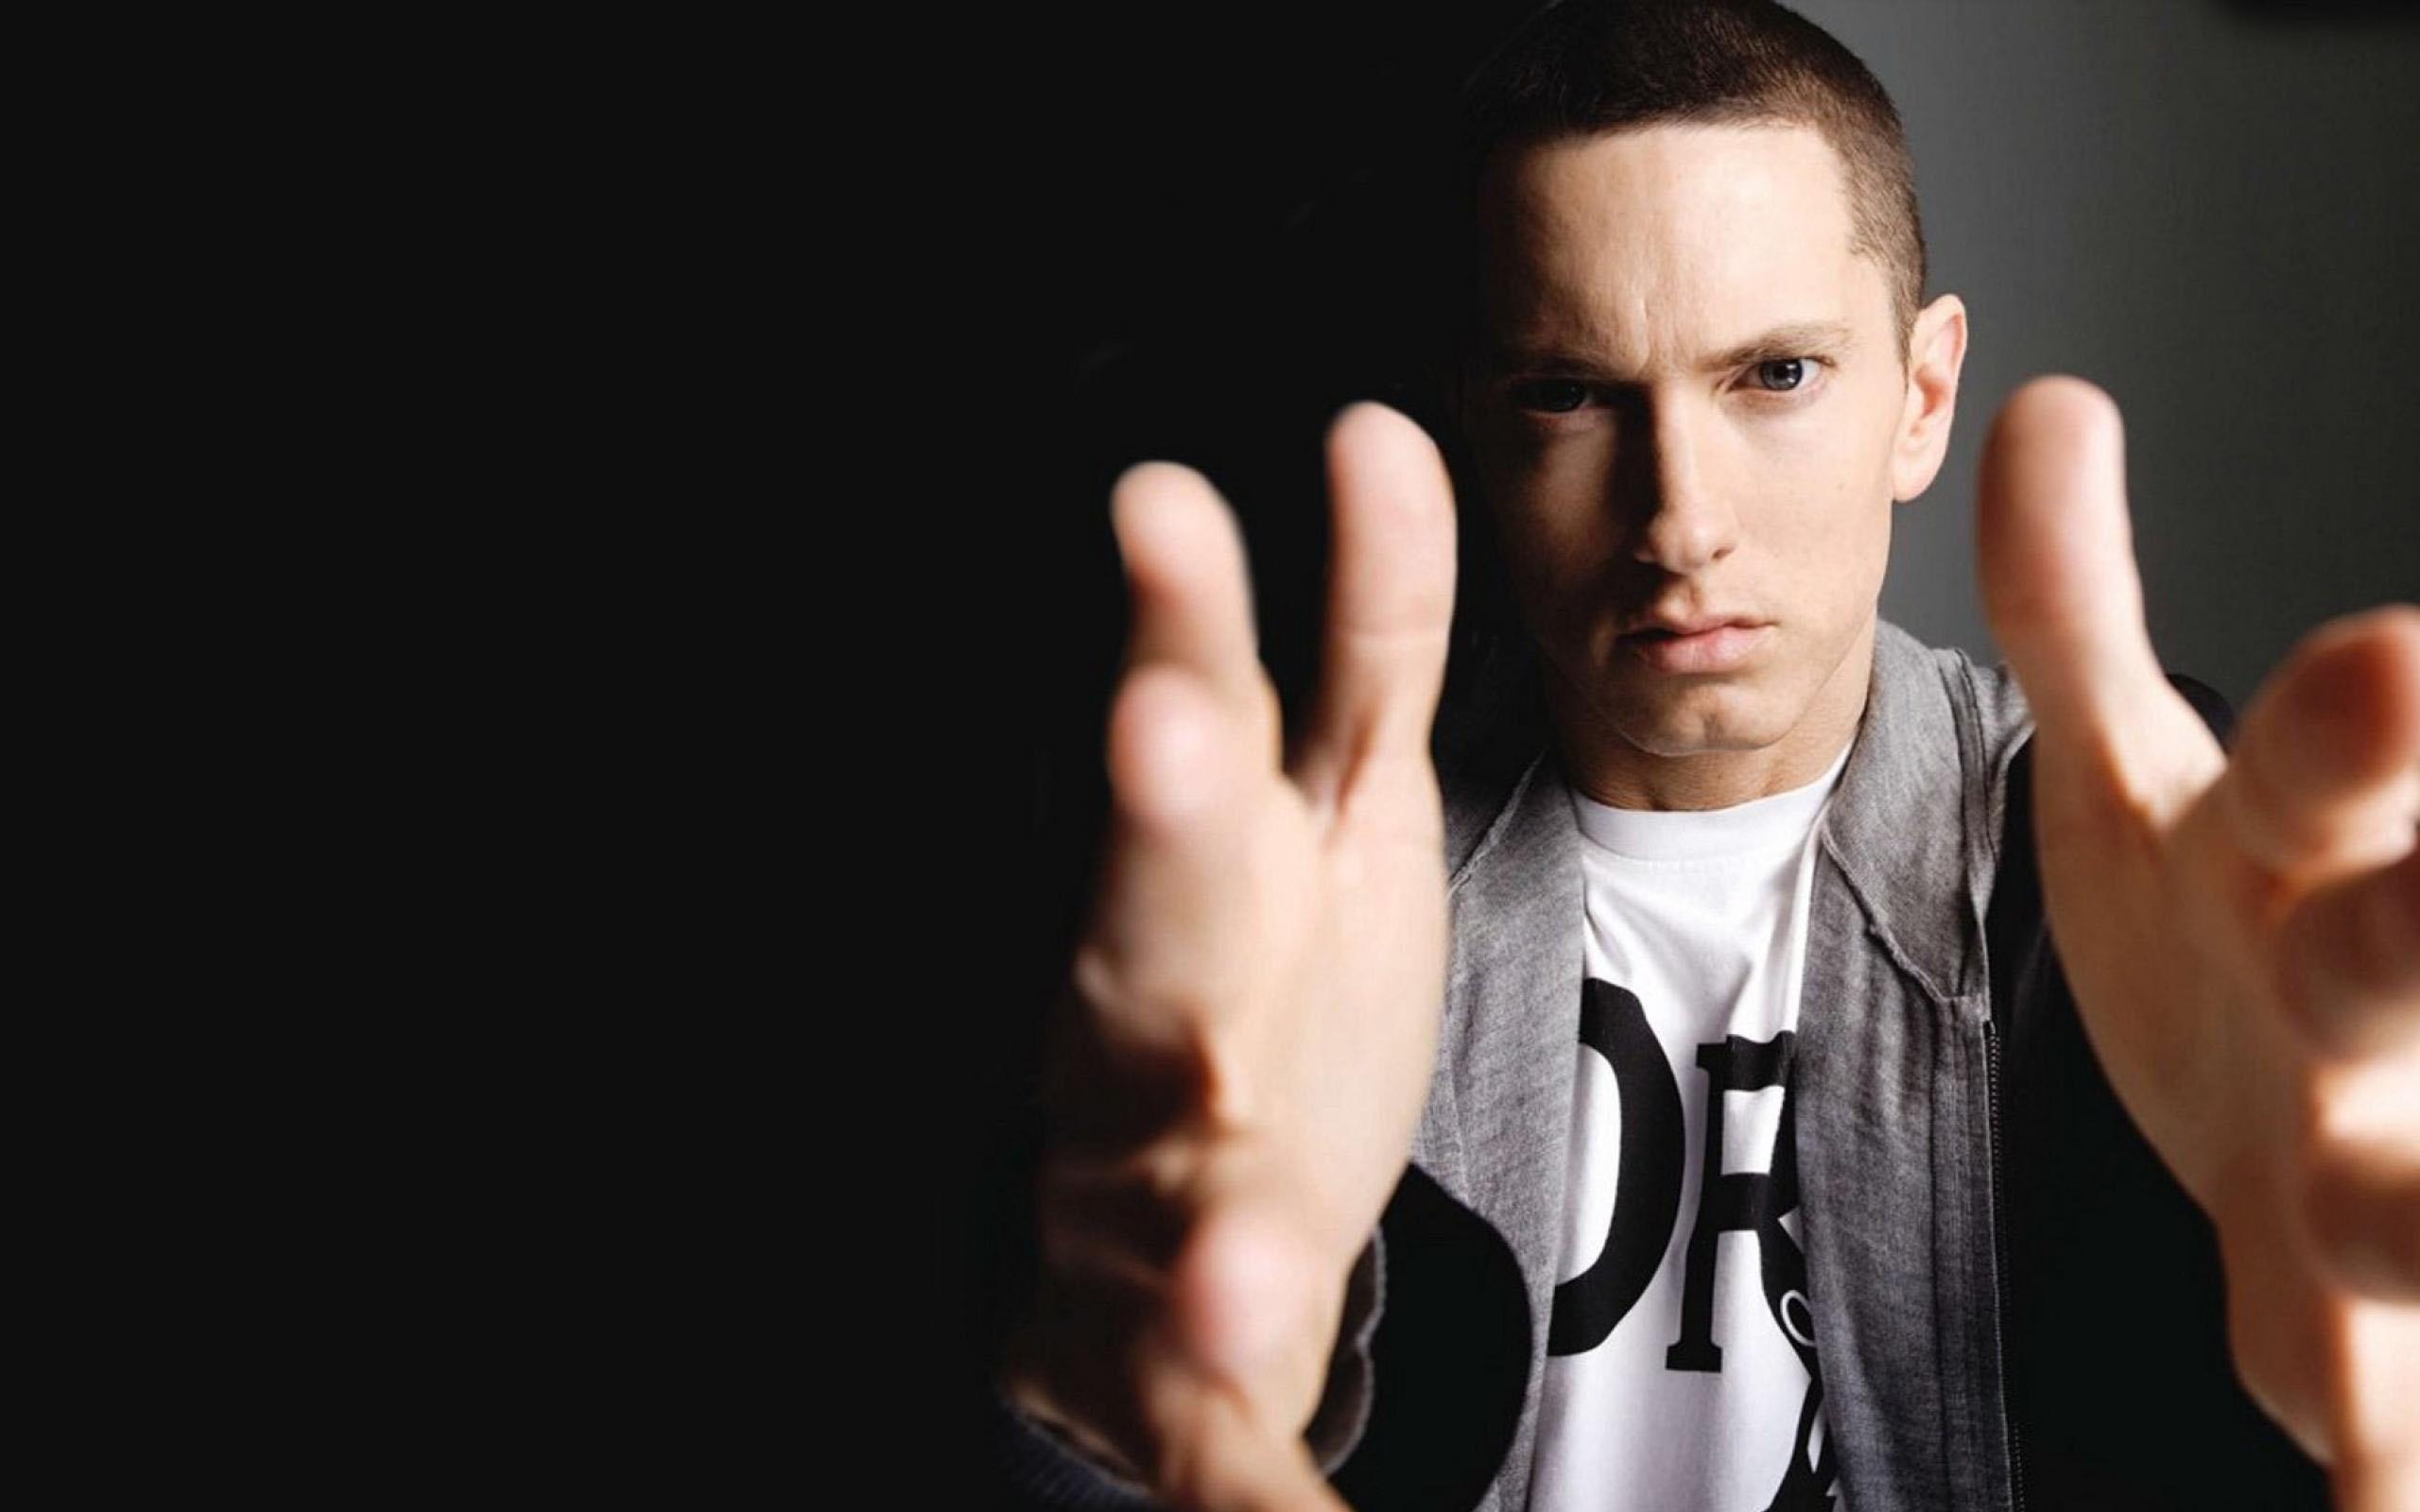 eminem-rapper-musician-widescreen-2560x1600